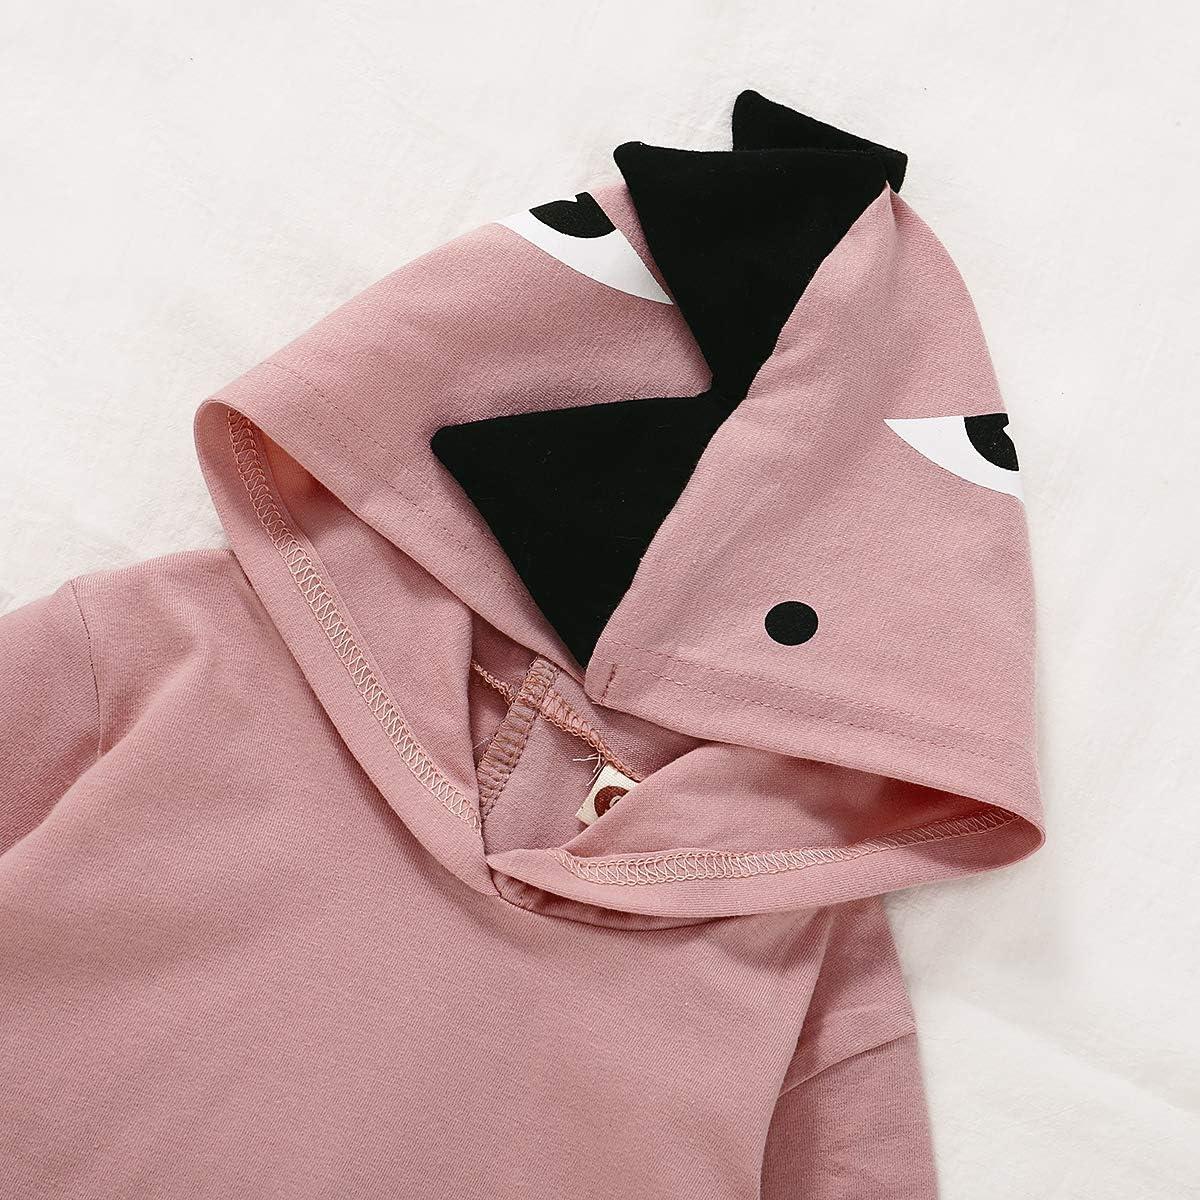 Unisex Baby Autumn Winter Halloween Hooded Sweatshirt Infant Boys Girls Hoodies with Kangaroo